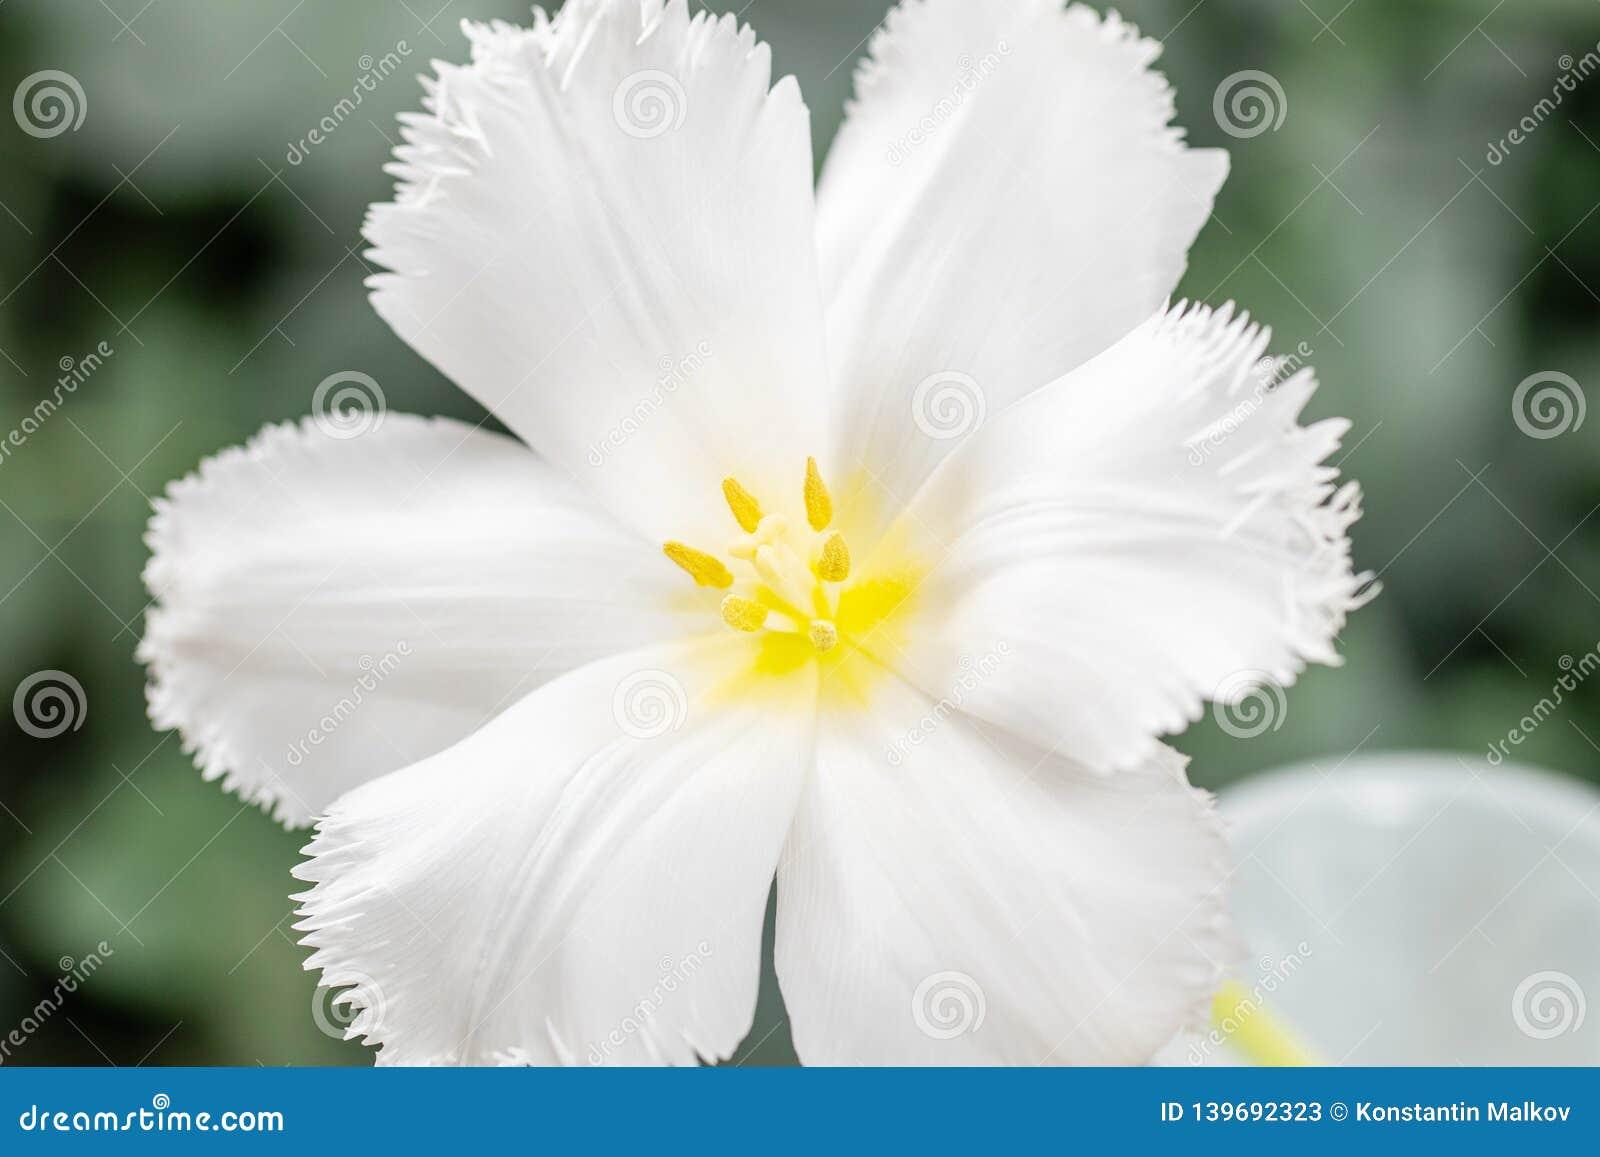 Ανοιγμένος οφθαλμός της ασυνήθιστης άσπρης τουλίπας Λουλούδι με πλαισιωμένος στο φυσικό φύλλωμα το πράσινο υπόβαθρο 9 πολύχρωμες